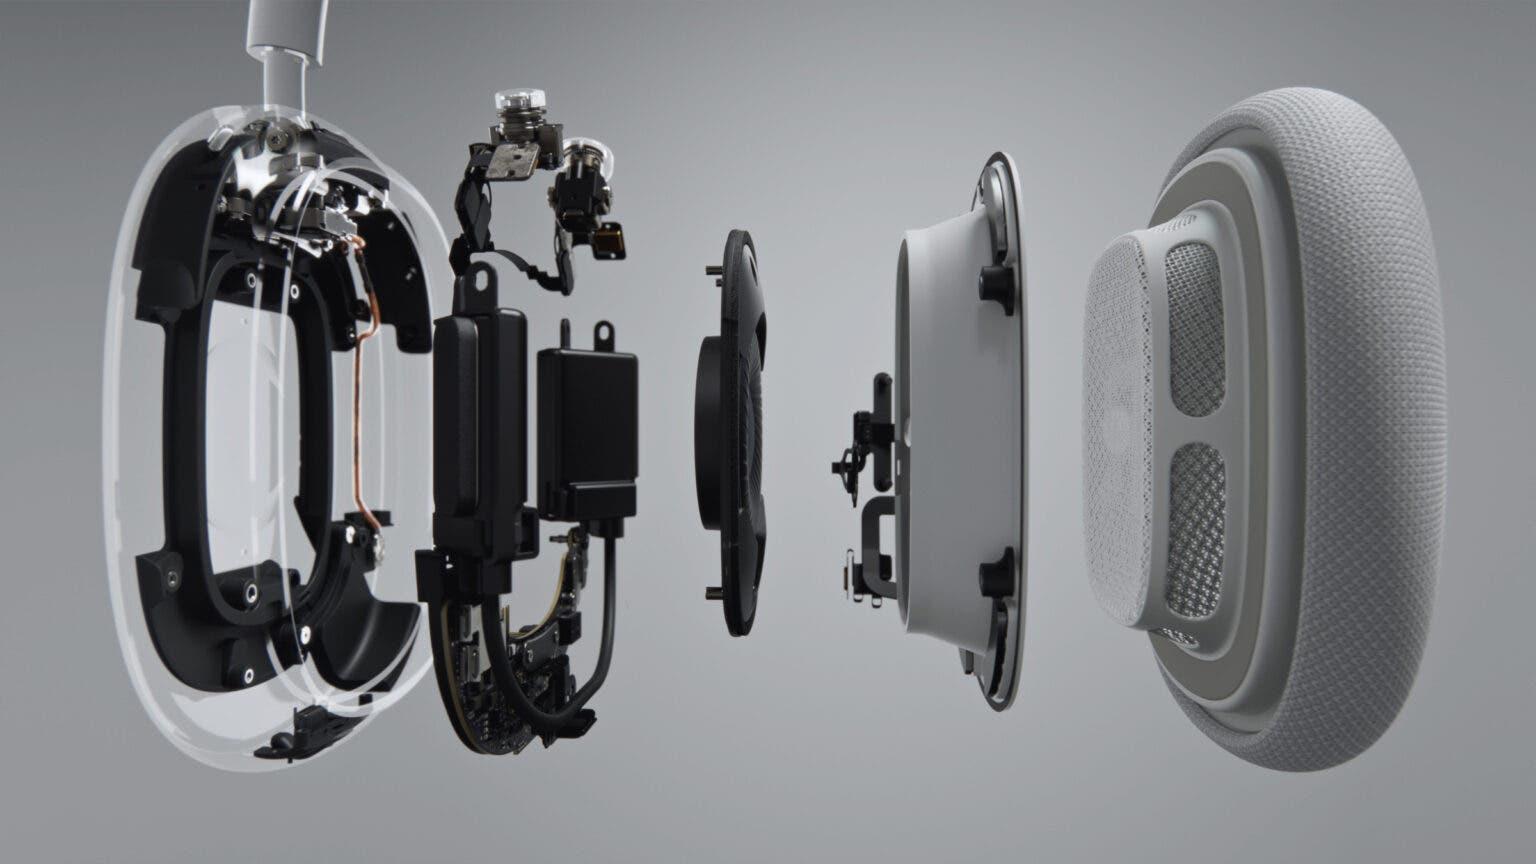 ¡Apple lanza los AirPods Max y estos son los precios en México!